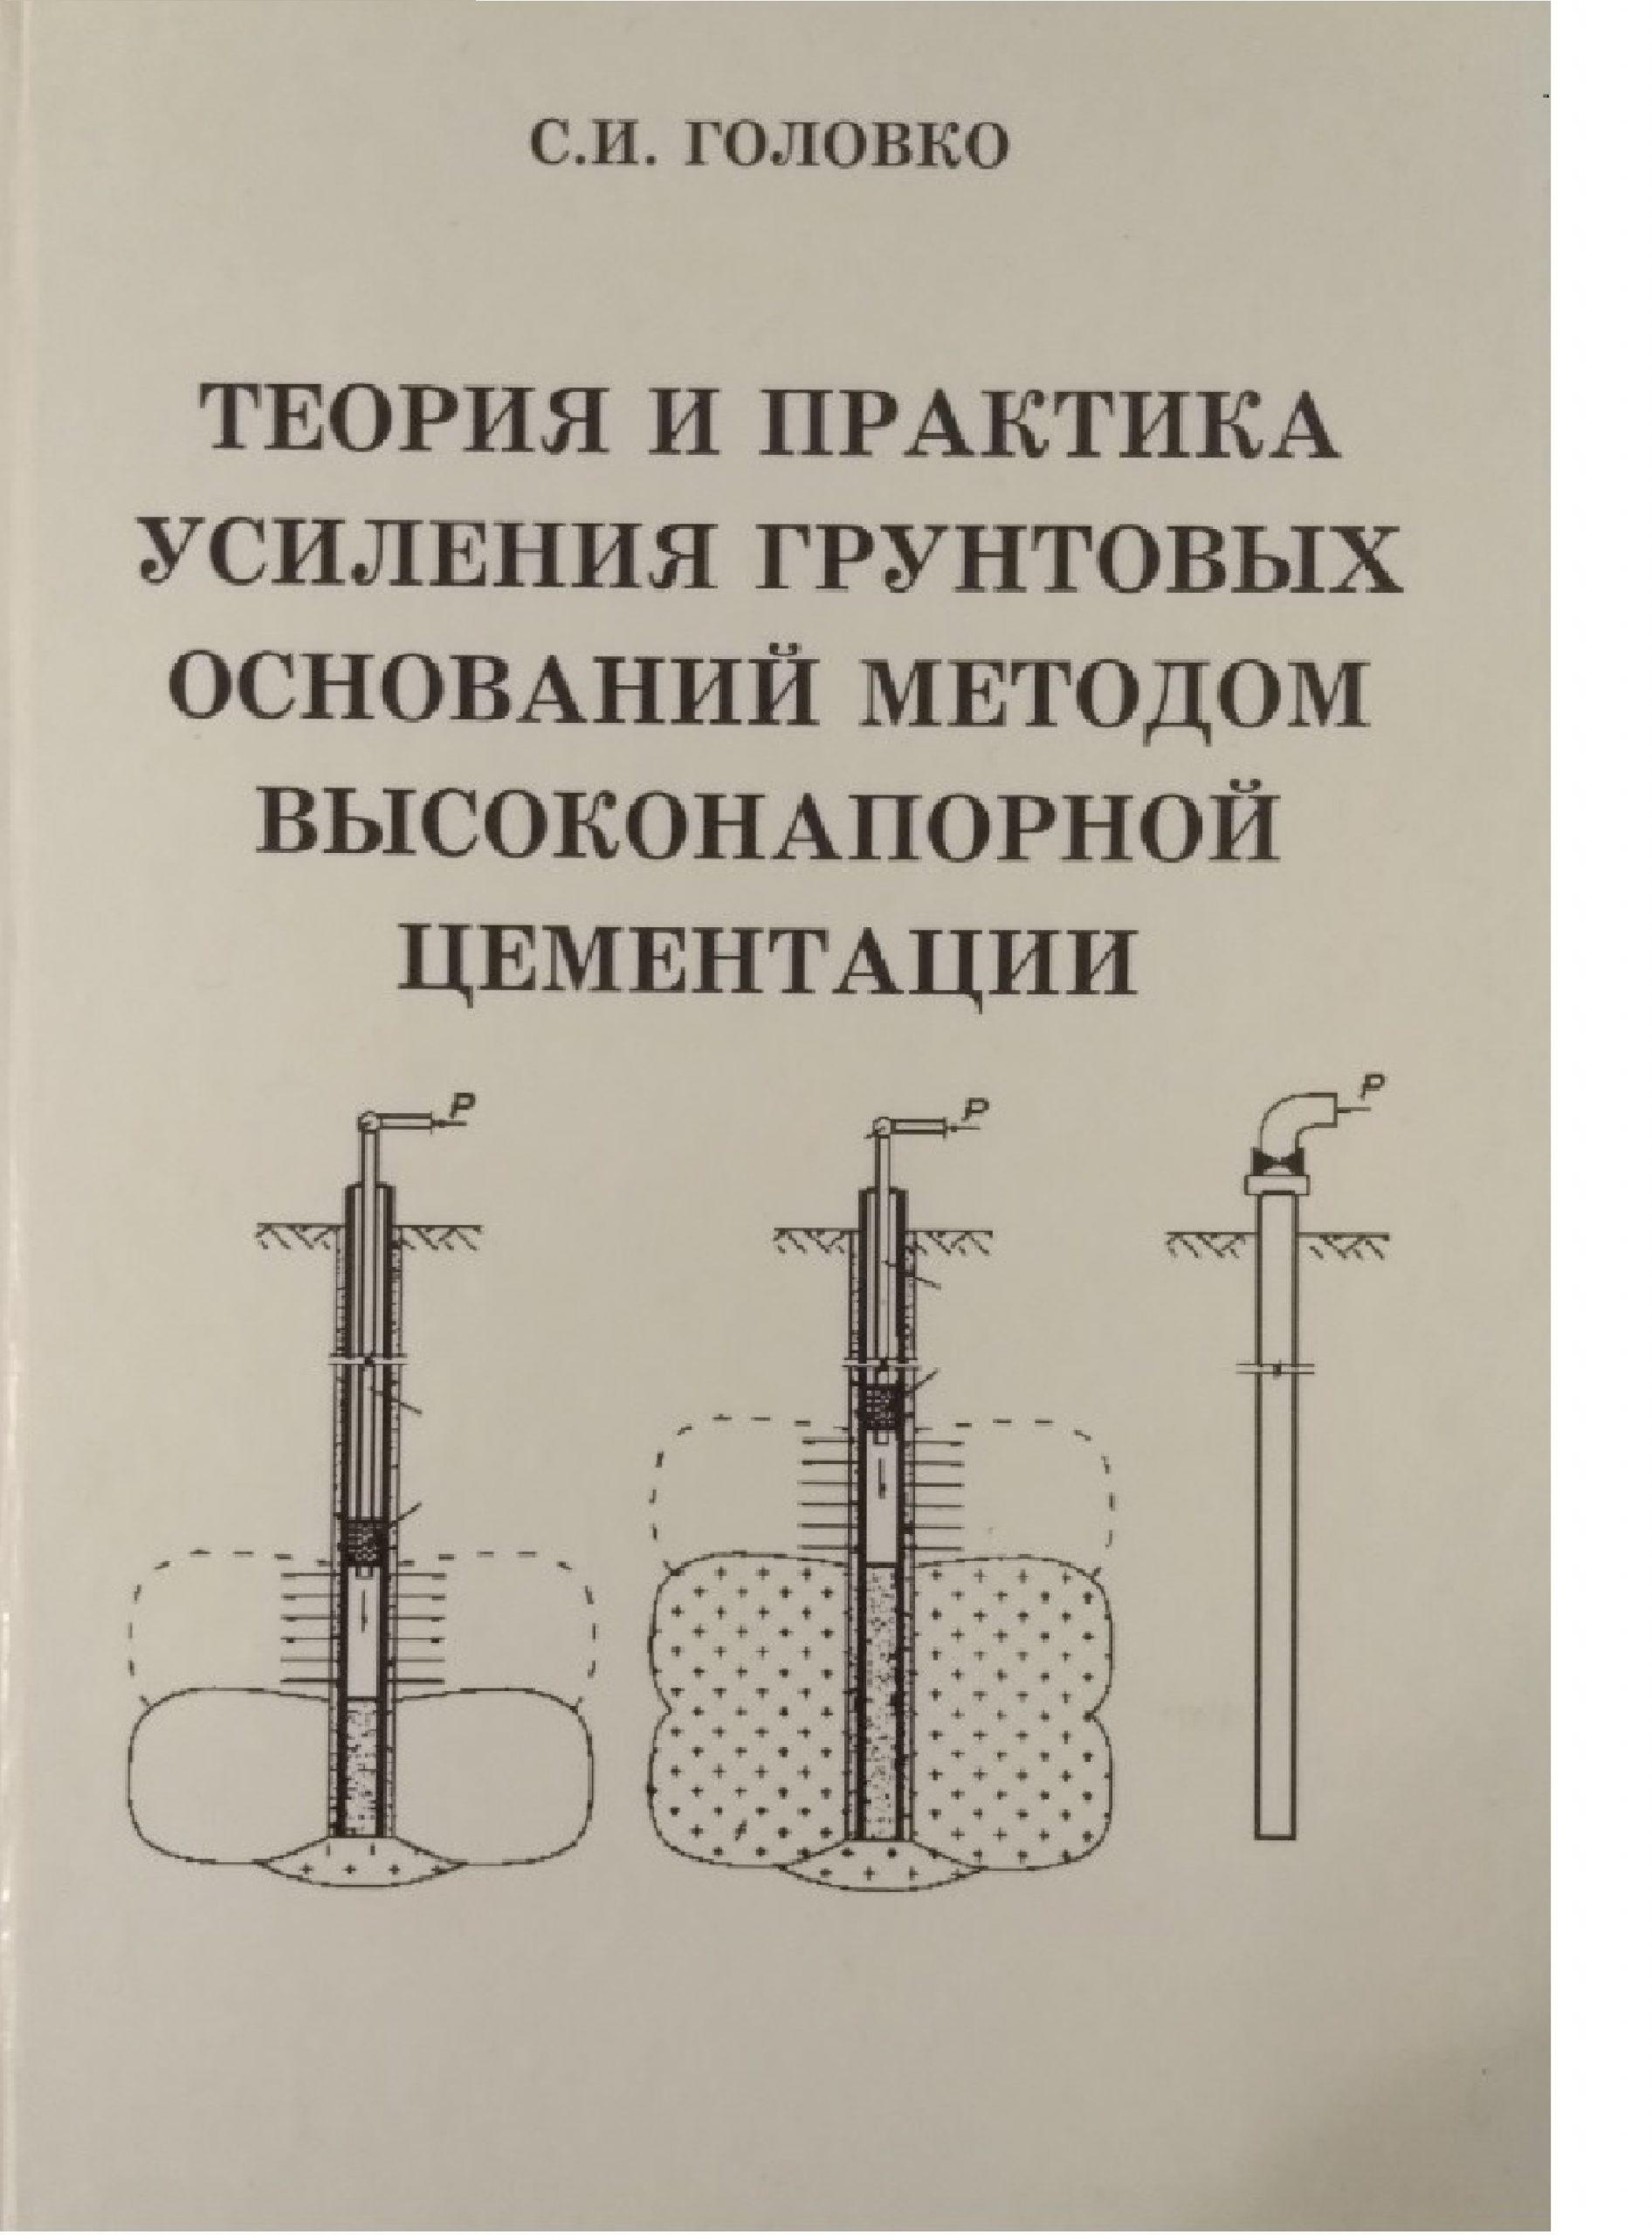 Теорія та практика підсилення грунтових основ методом високонапірної цементації